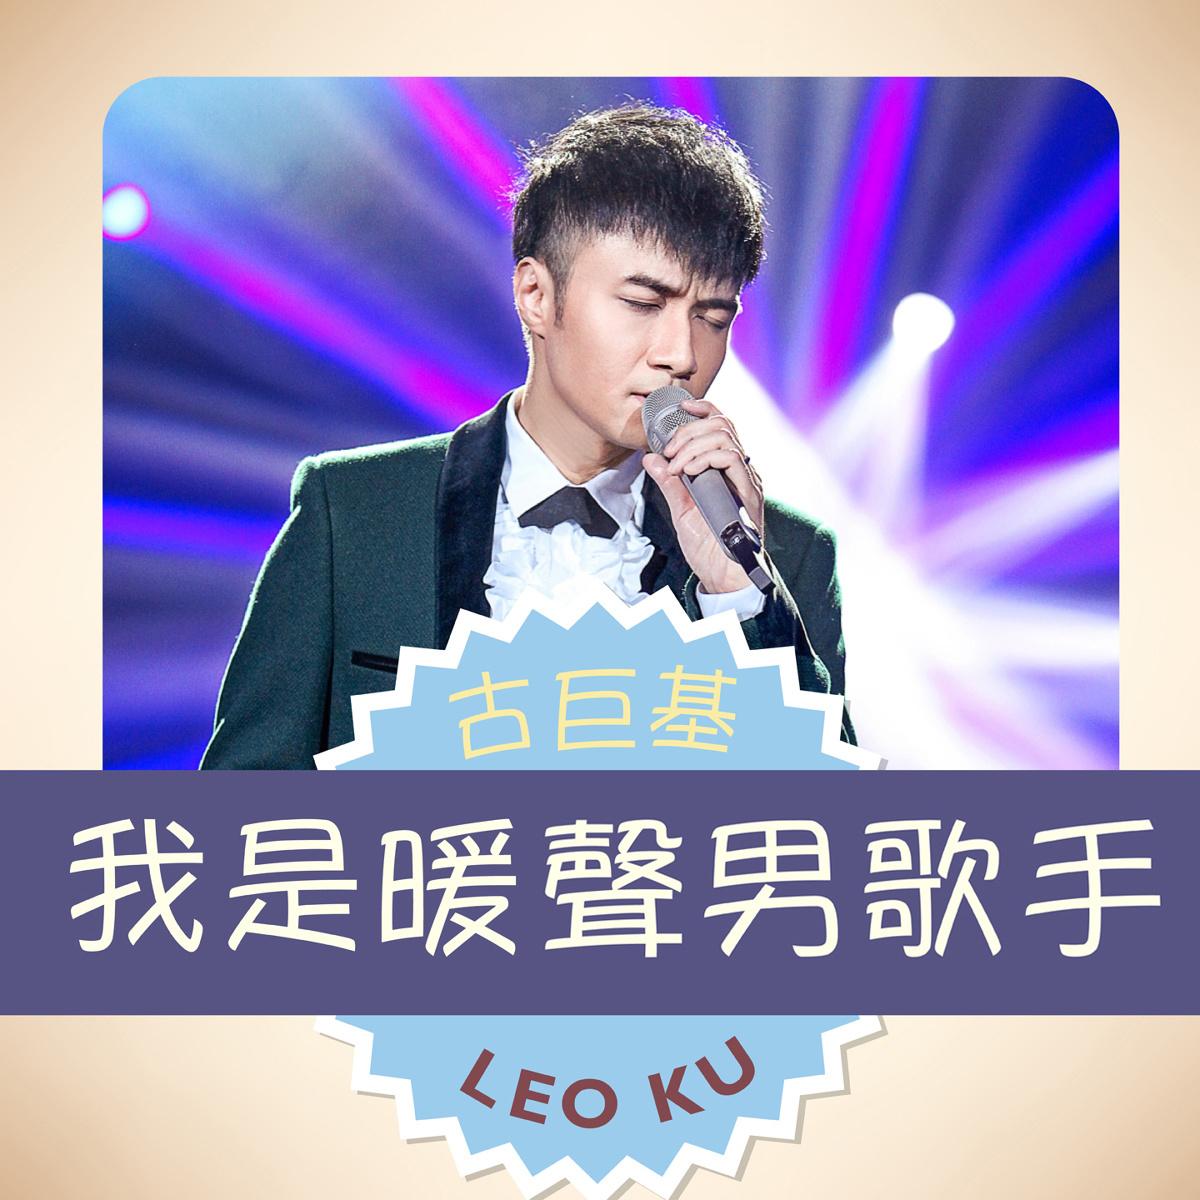 我是暖聲男歌手 - 古巨基 Leo Ku